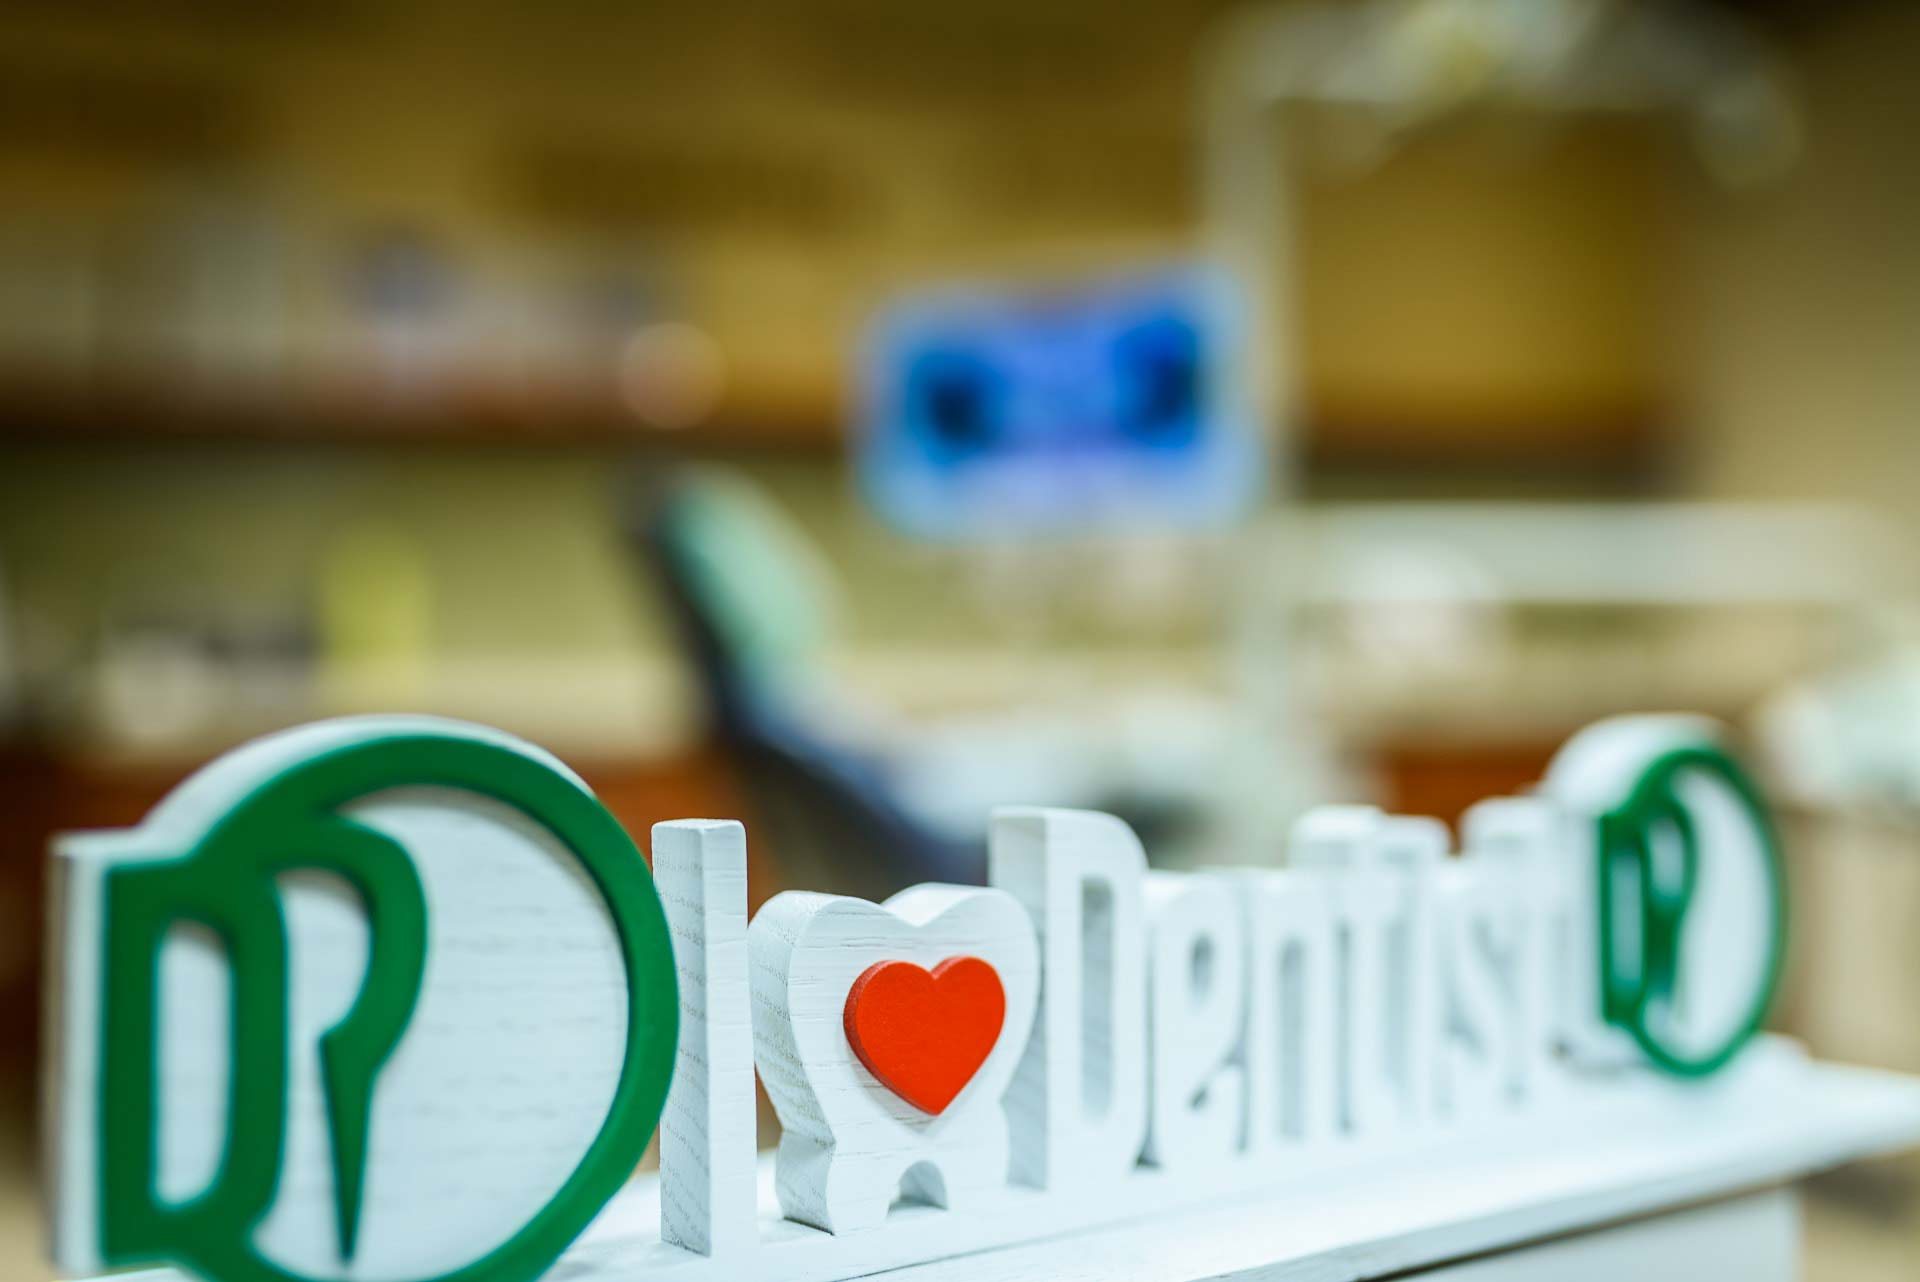 Dental studio Dro